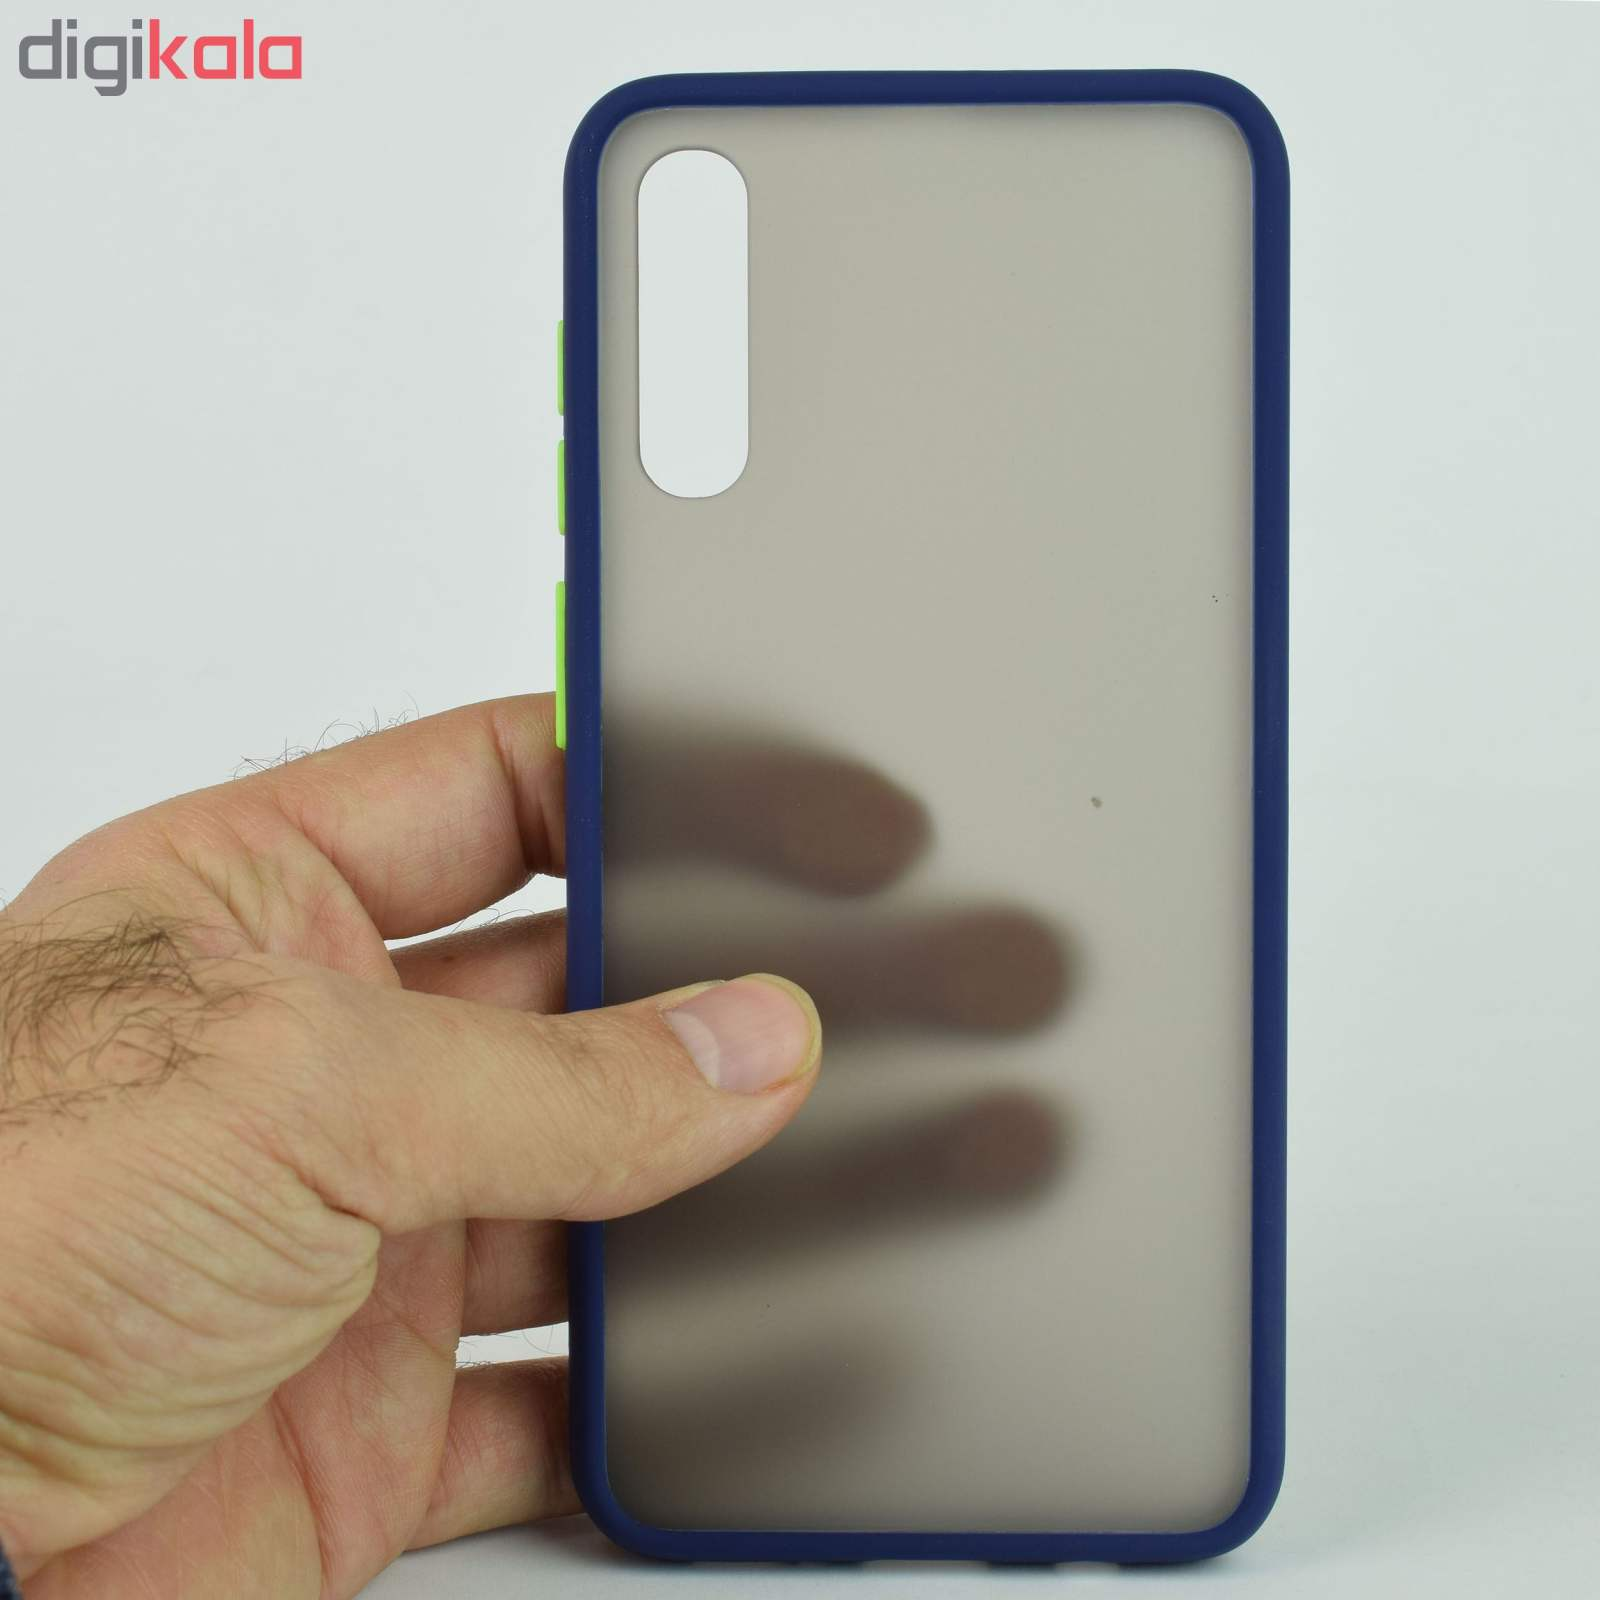 کاور مدل Slico01 مناسب برای گوشی موبایل سامسونگ Galaxy A50 main 1 3